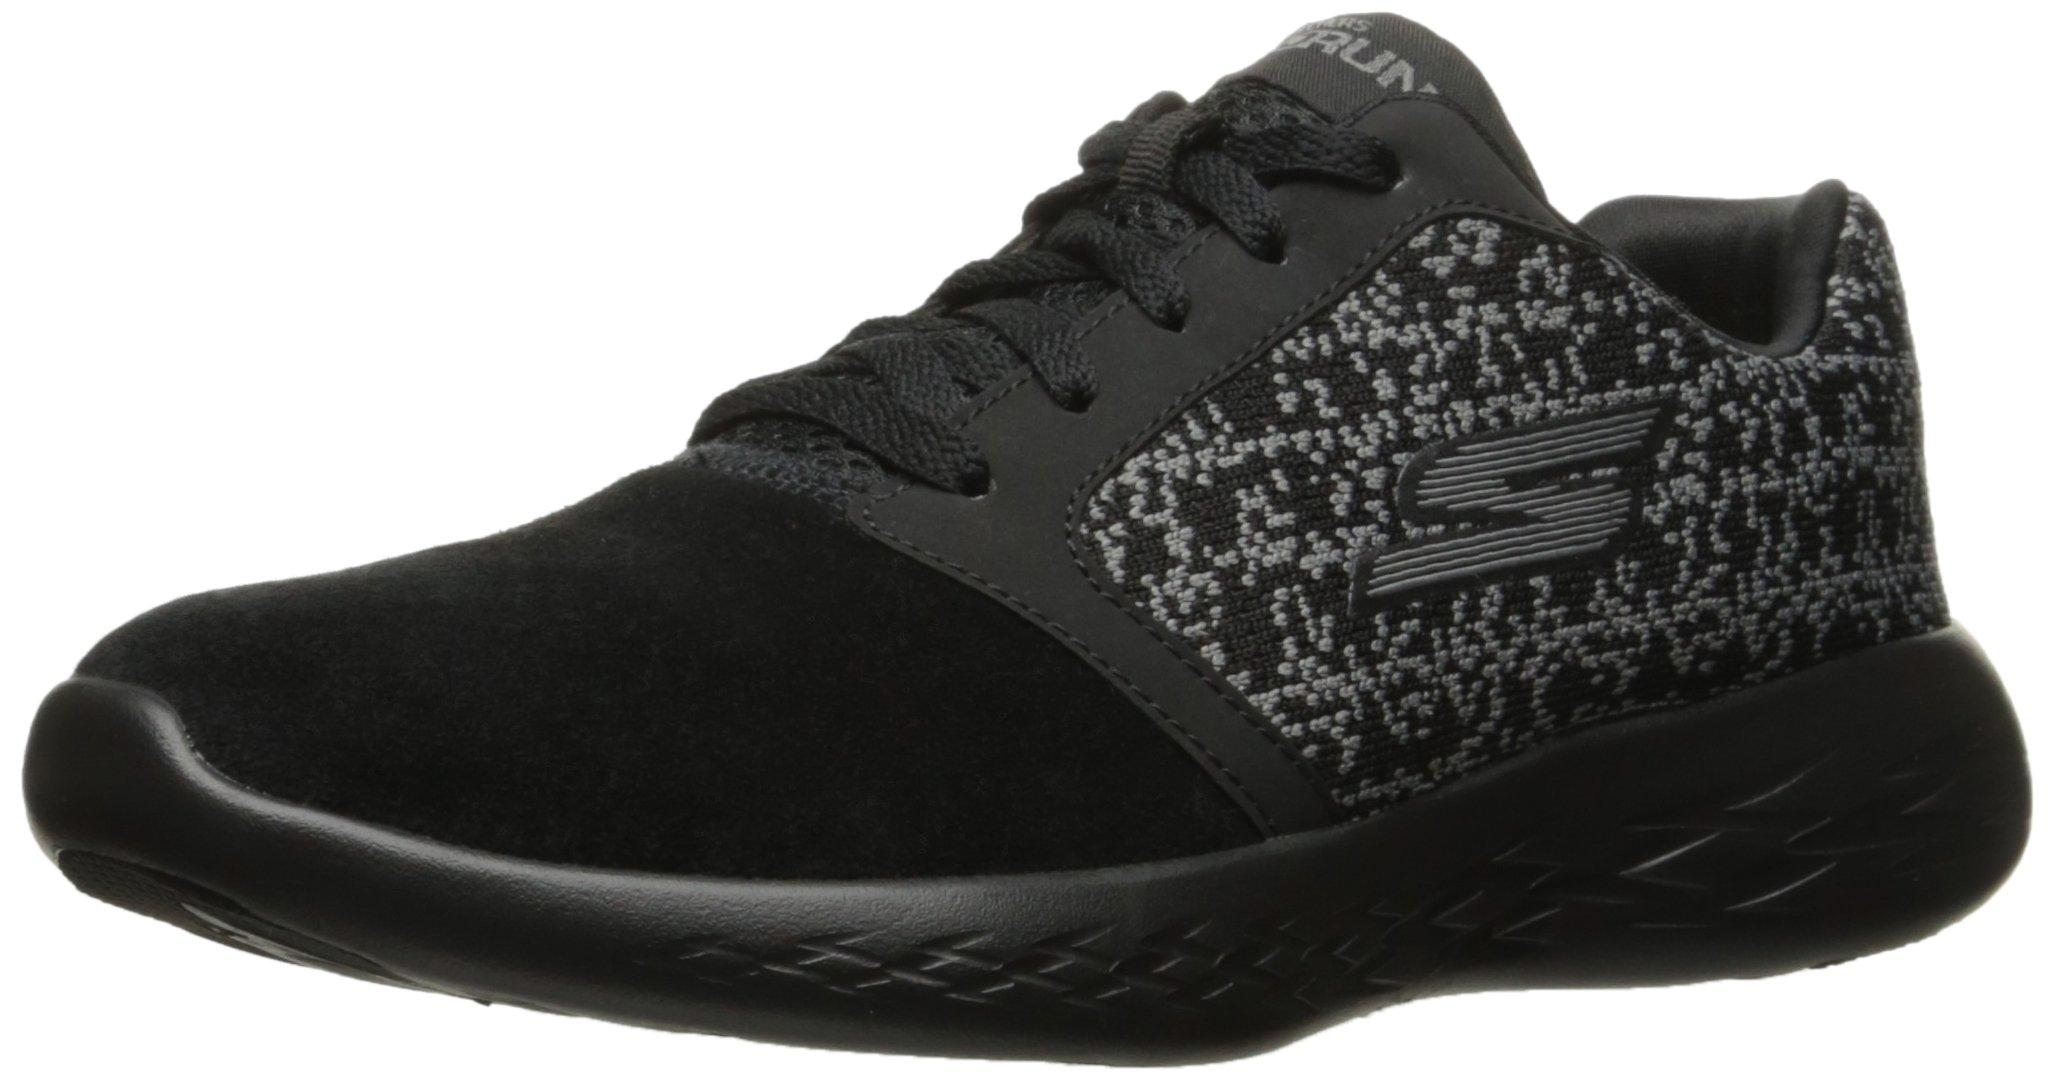 Skechers Performance Women's Go Run 600 - 15060 Running Shoe